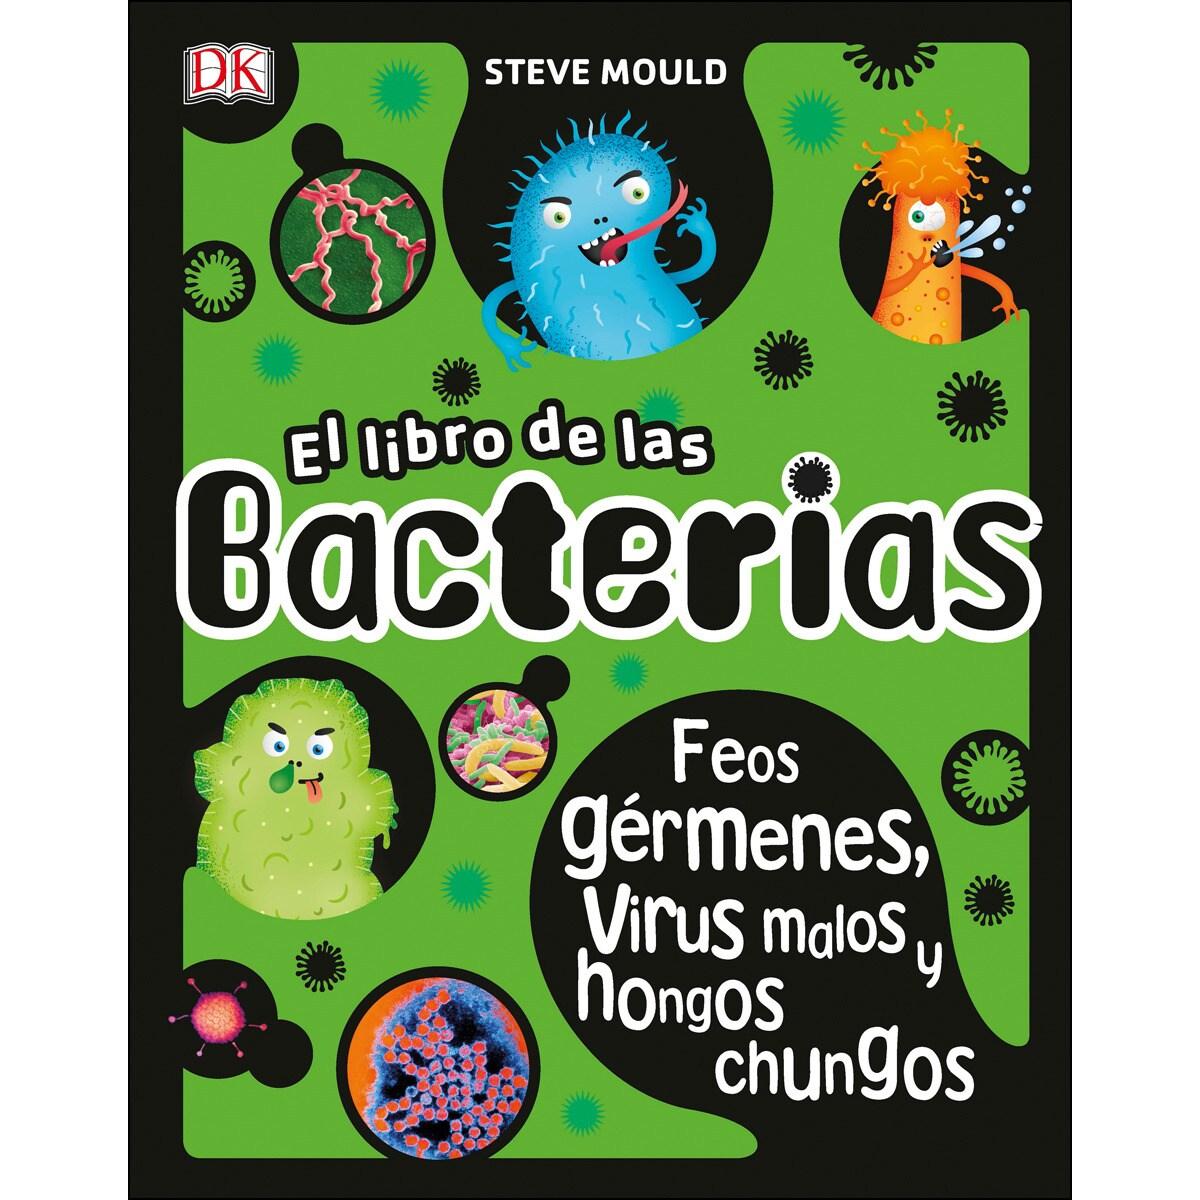 EL LIBRO DE LAS BACTERIAS: FEOS GÉRMENES, VIRUS MALOS Y HONGOS CHUNGOS (TAPA DURA)